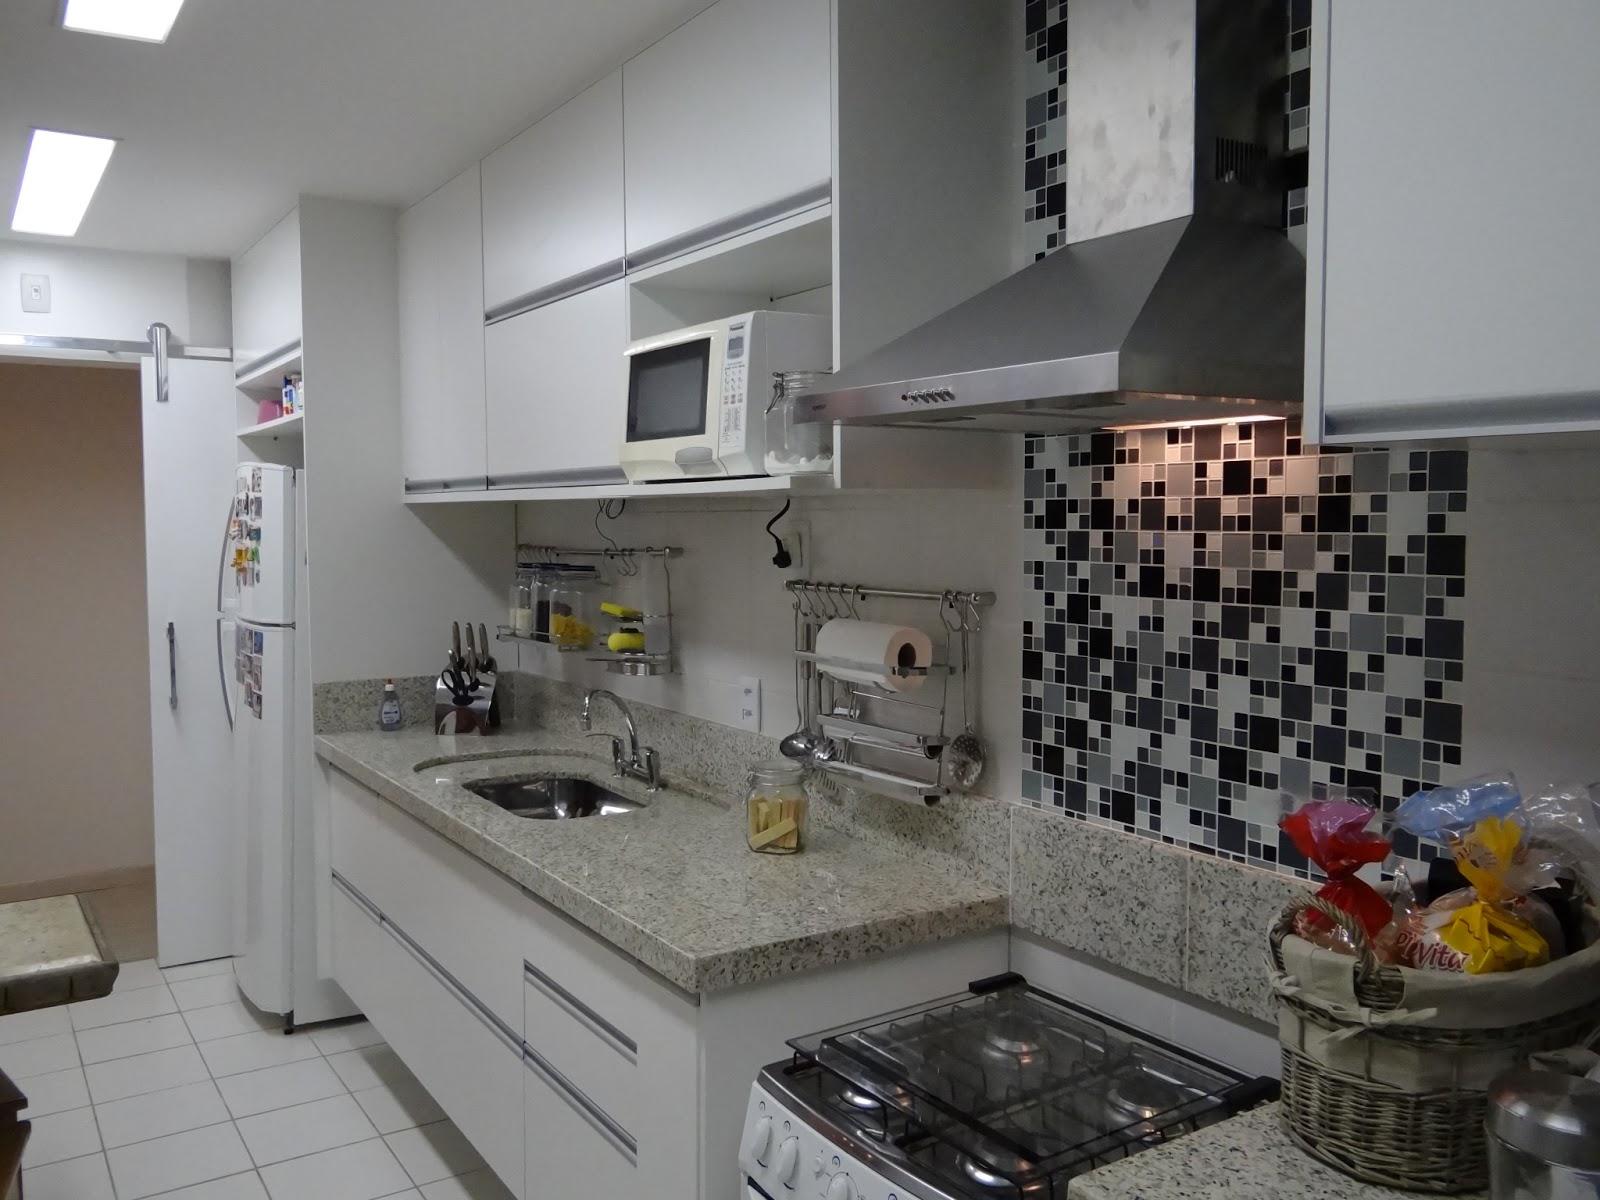 #815B4A terça feira 22 de janeiro de 2013 1600x1200 px Projeto De Cozinha Pequena Linear_4743 Imagens